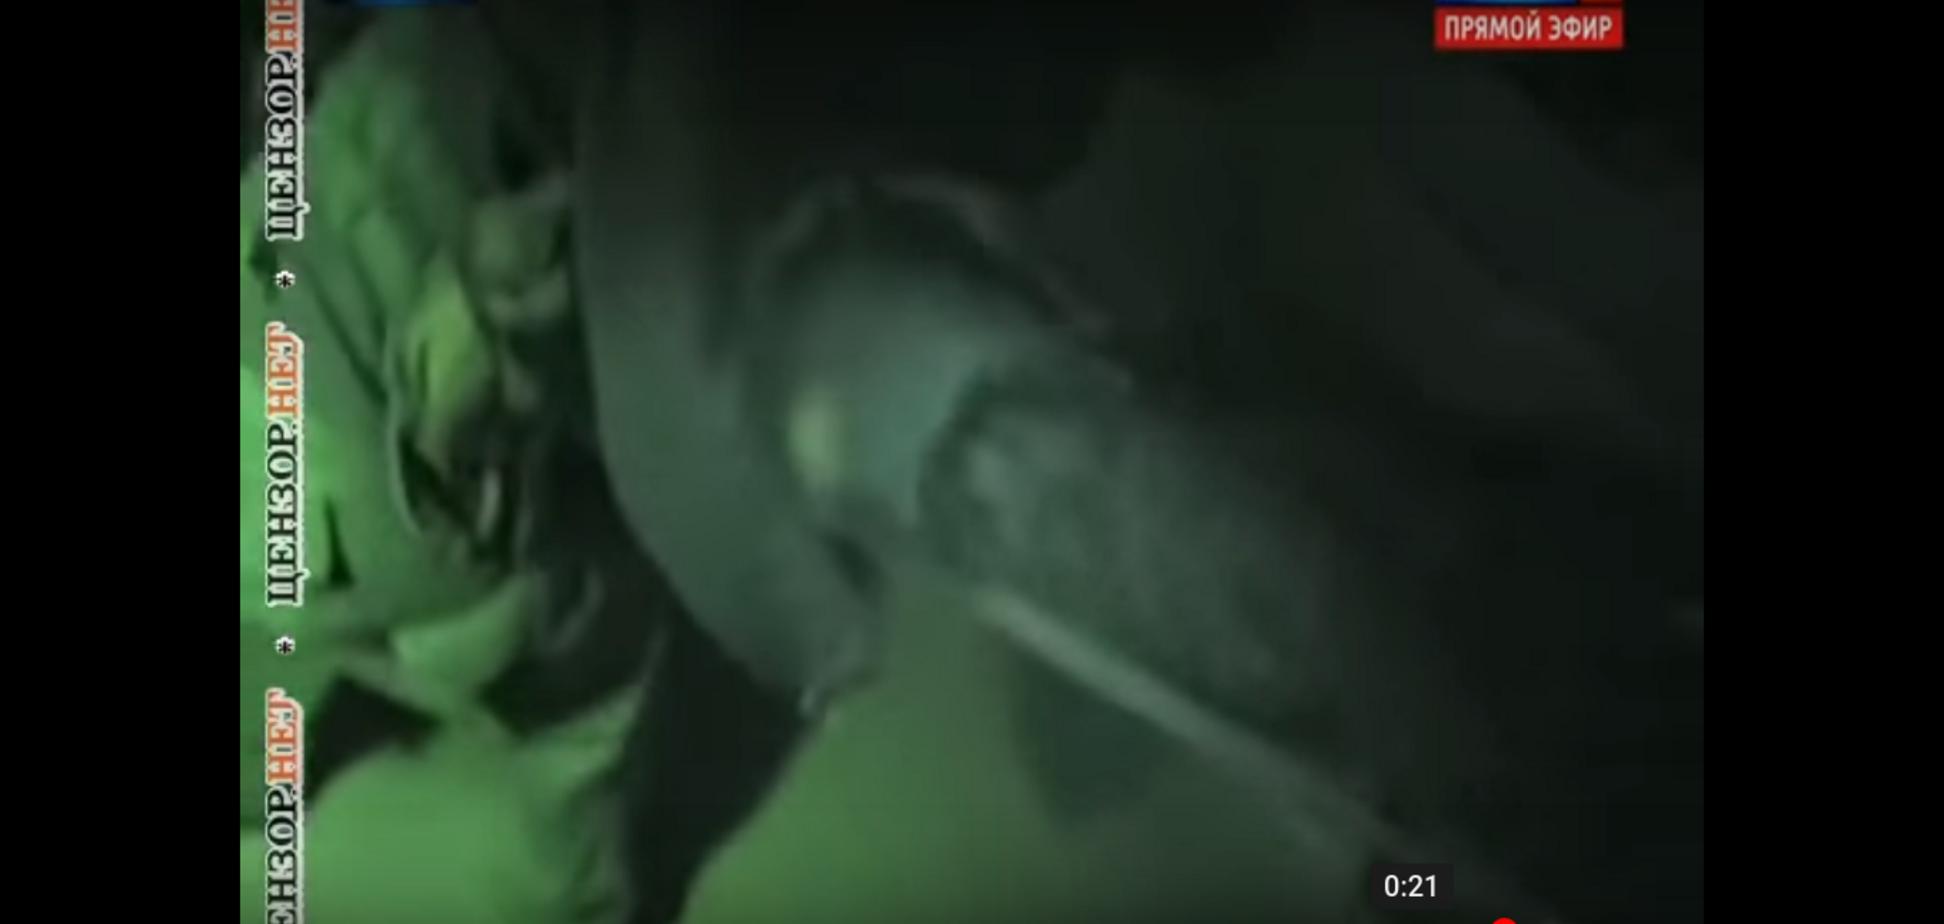 Ліквідація 'Мамая': терористи оприлюднили перше відео